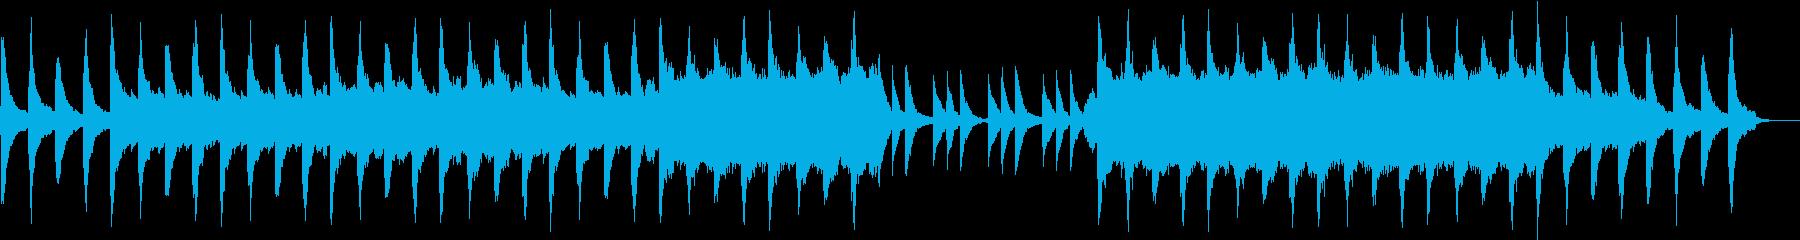 ノスタルジックで切ないピアノとバイオリンの再生済みの波形